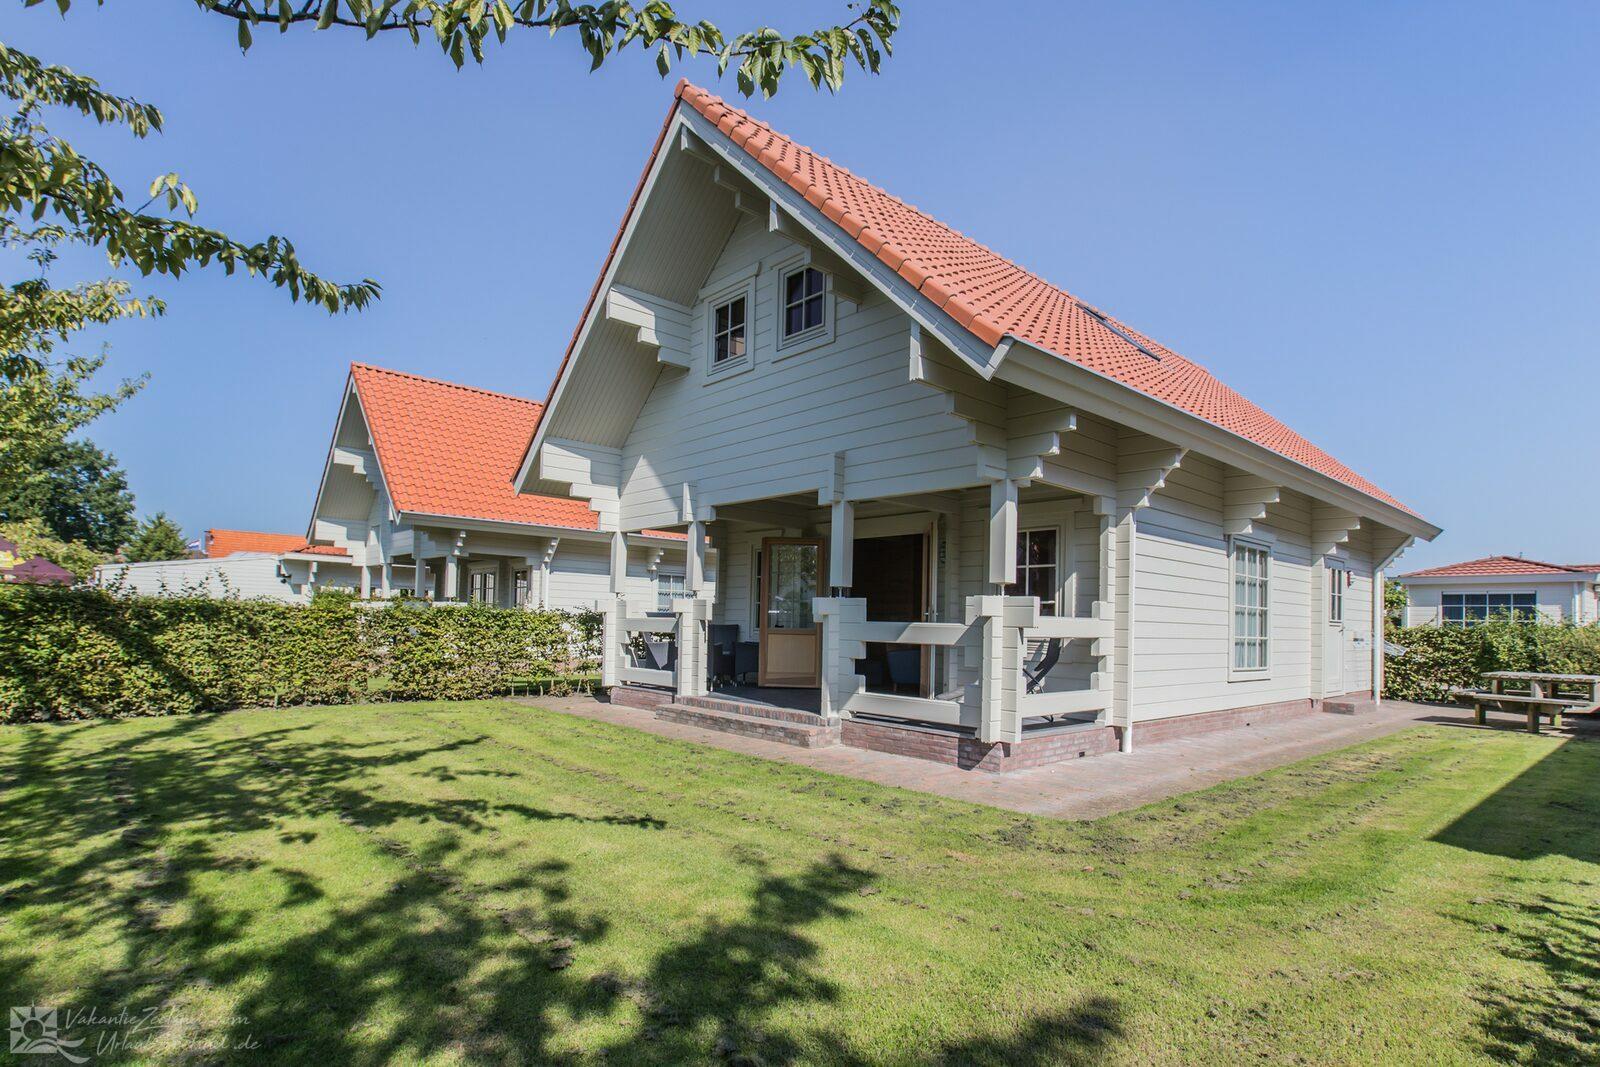 vakantiehuis Nederland, Zeeland, Oostkapelle vakantiehuis VZ982 Vrijstaand vakantiehuis in Oostkapelle